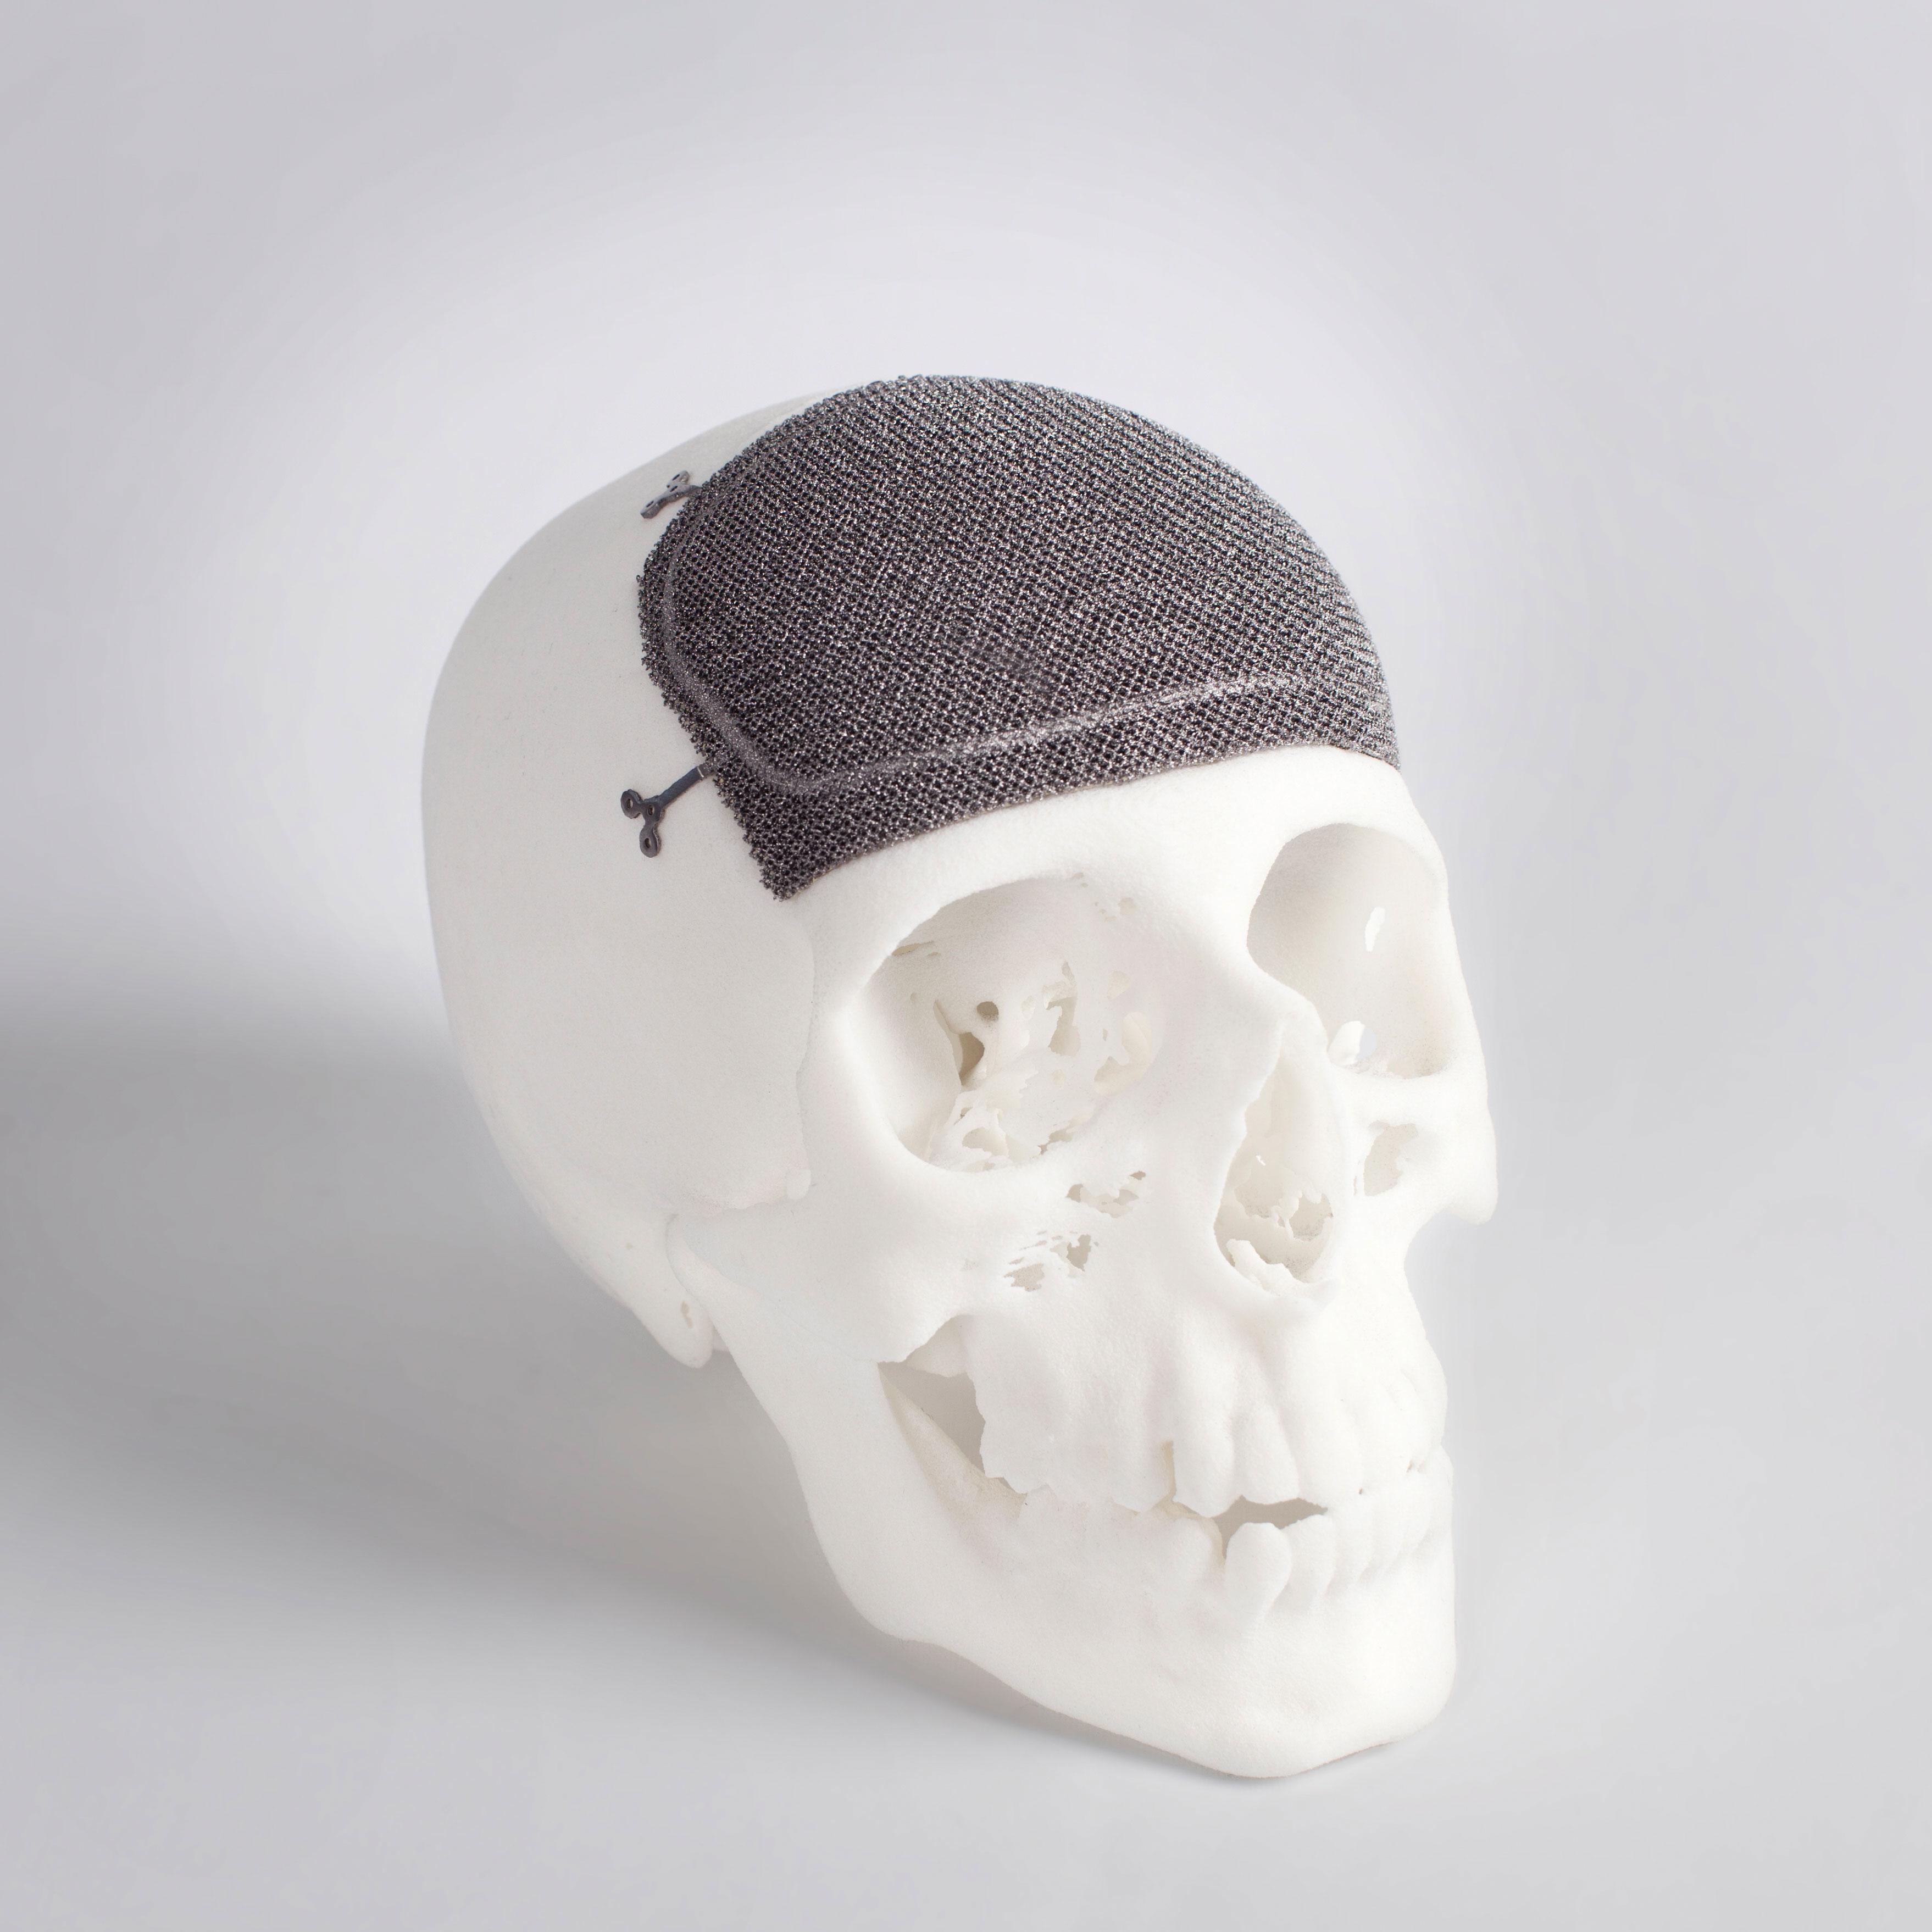 Черепно-лицевой имплантат, изготовленный с помощью технологии EBM